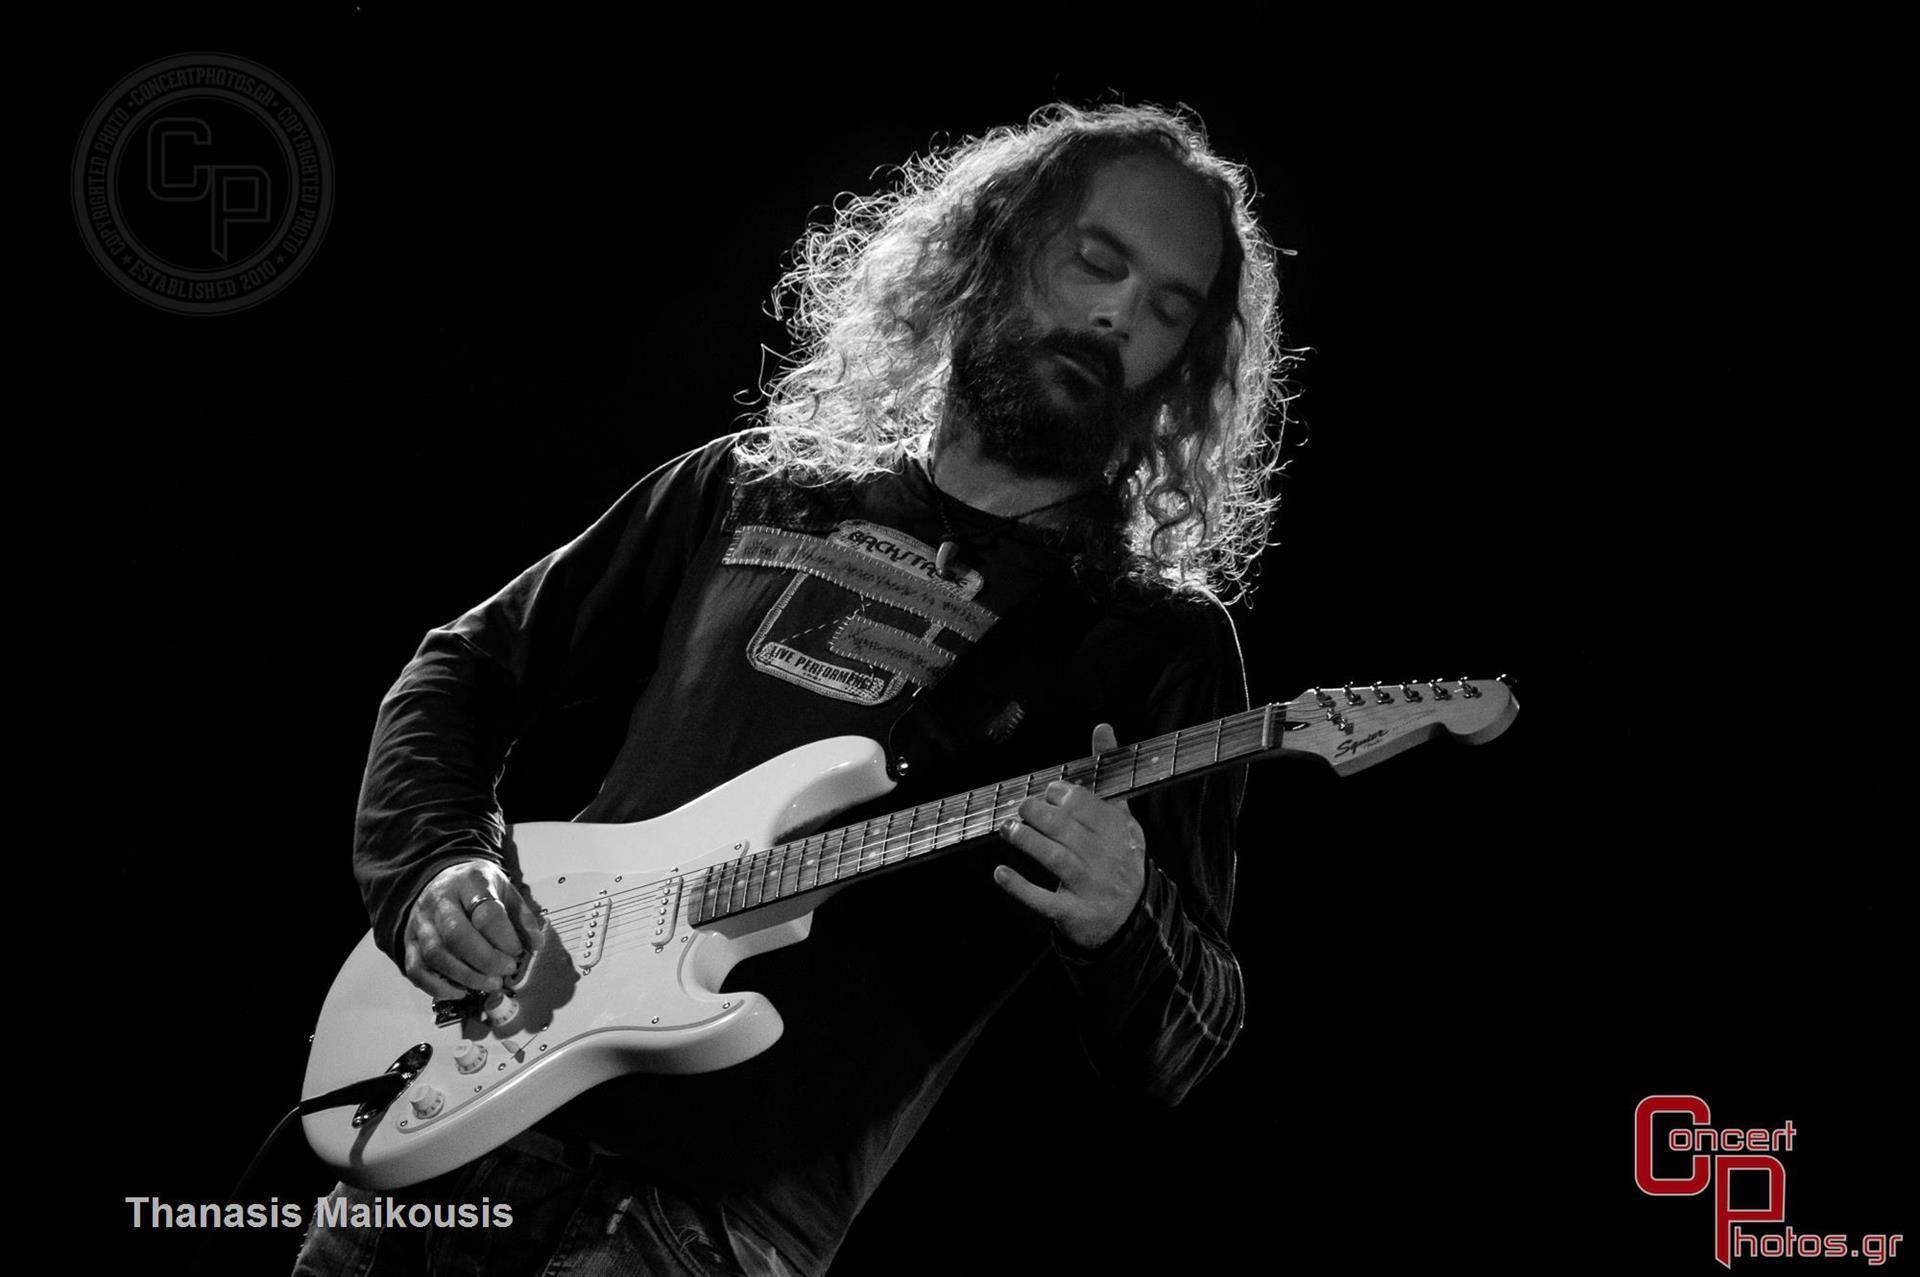 Battle Of The Bands Leg 5-Battle Of The Bands Leg 4 photographer: Thanasis Maikousis - ConcertPhotos - 20150315_2313_49